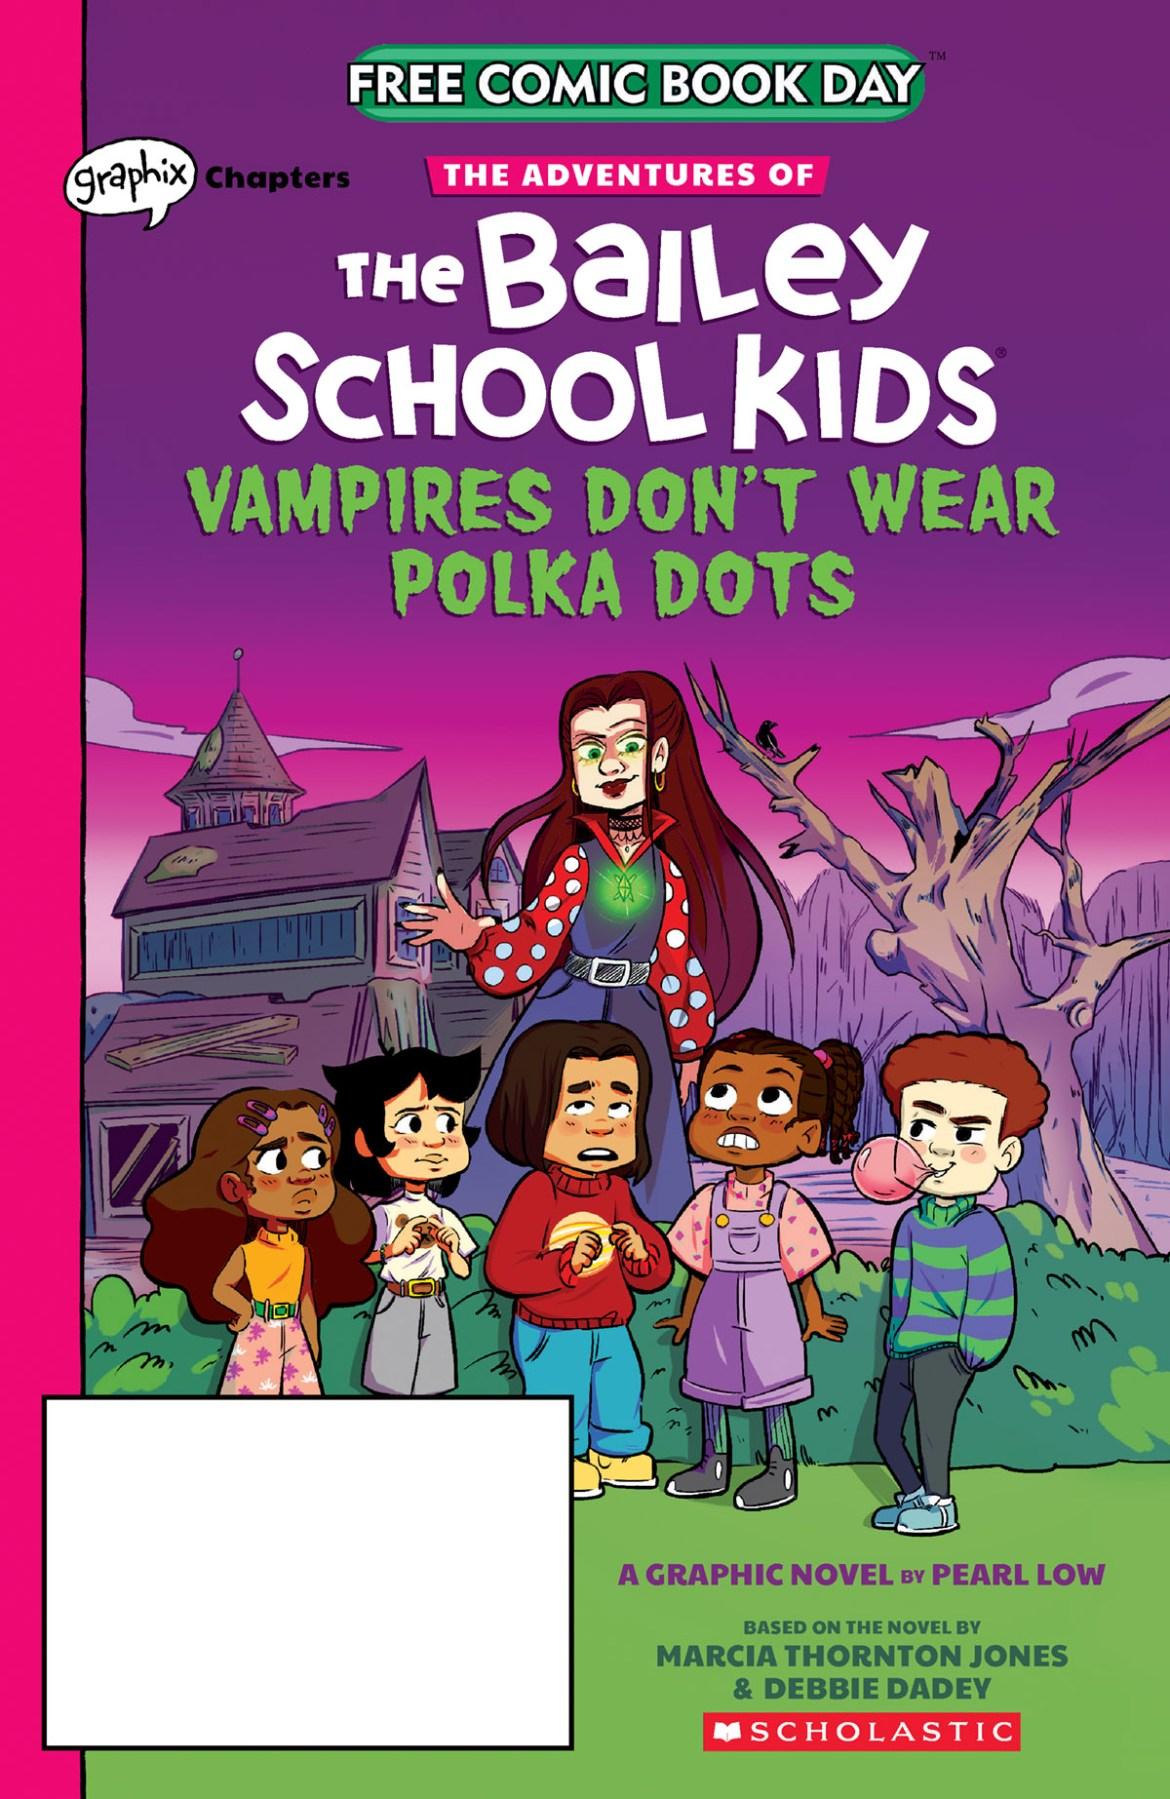 FCBD21_SILVER_Graphix-Scholastic_Adv-Bailey-Sch-Kids-1 Complete Free Comic Book Day 2021 comic book line-up announced